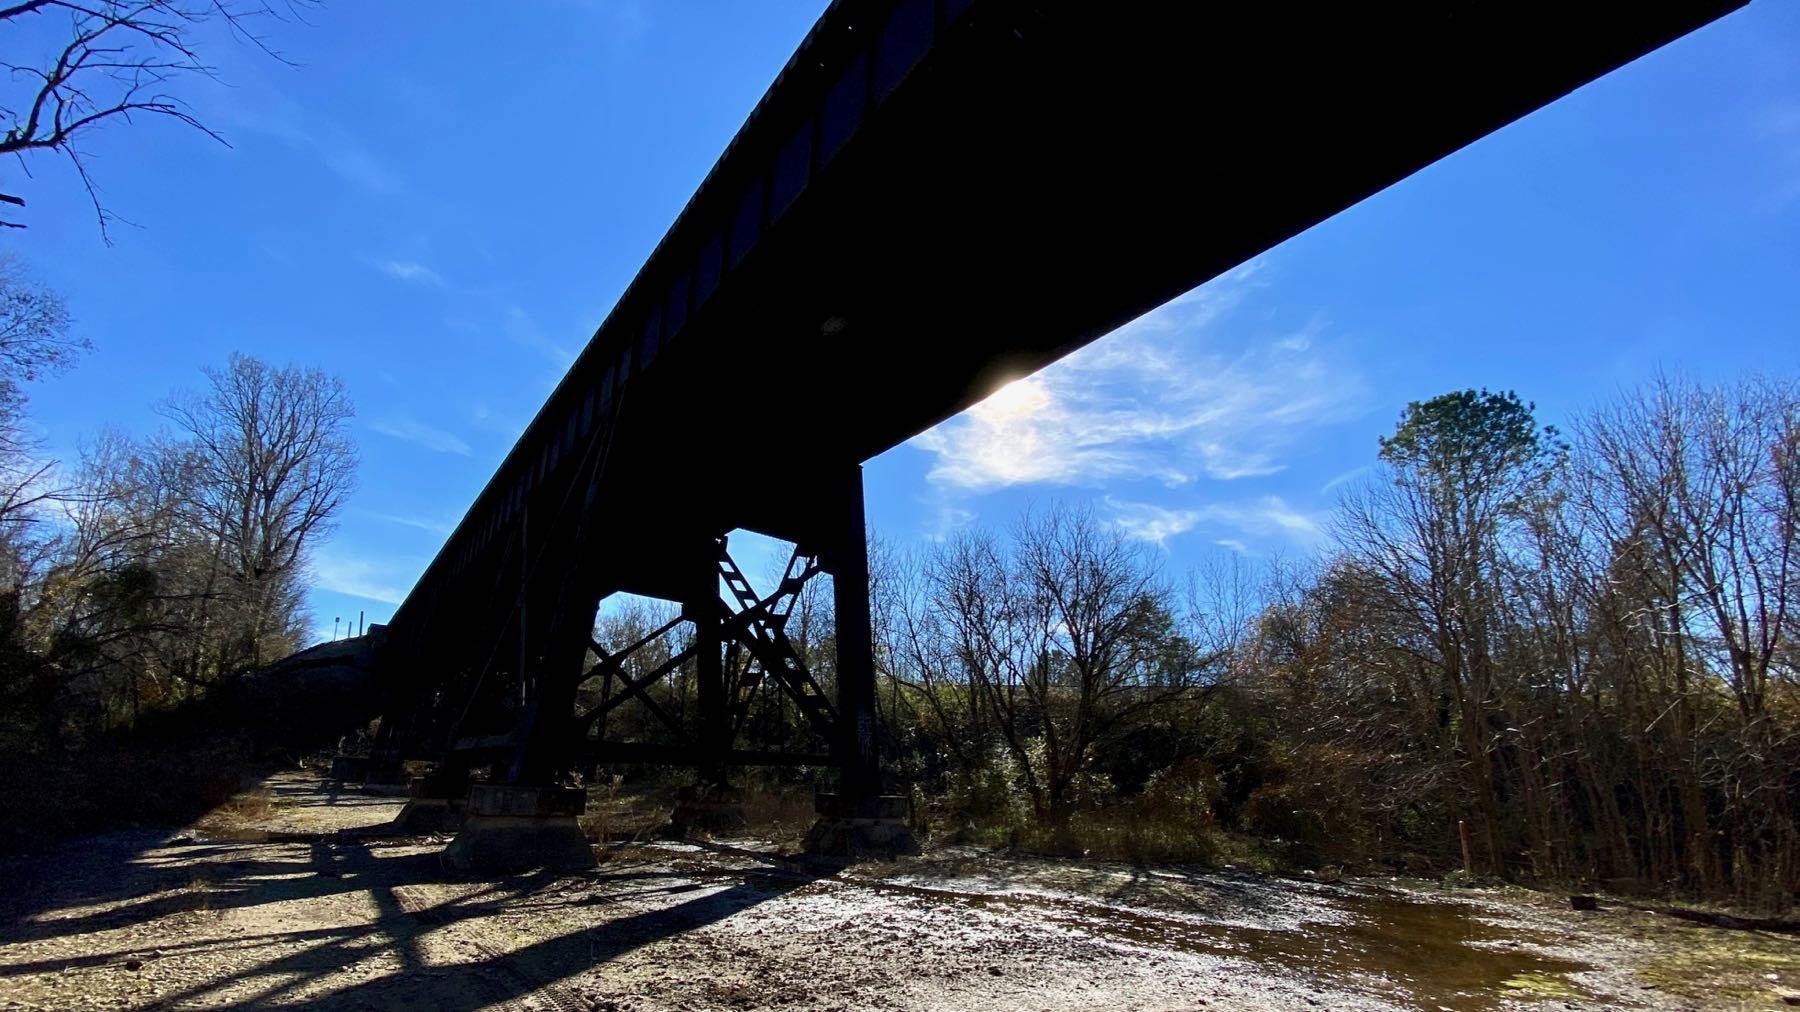 Bridge from below